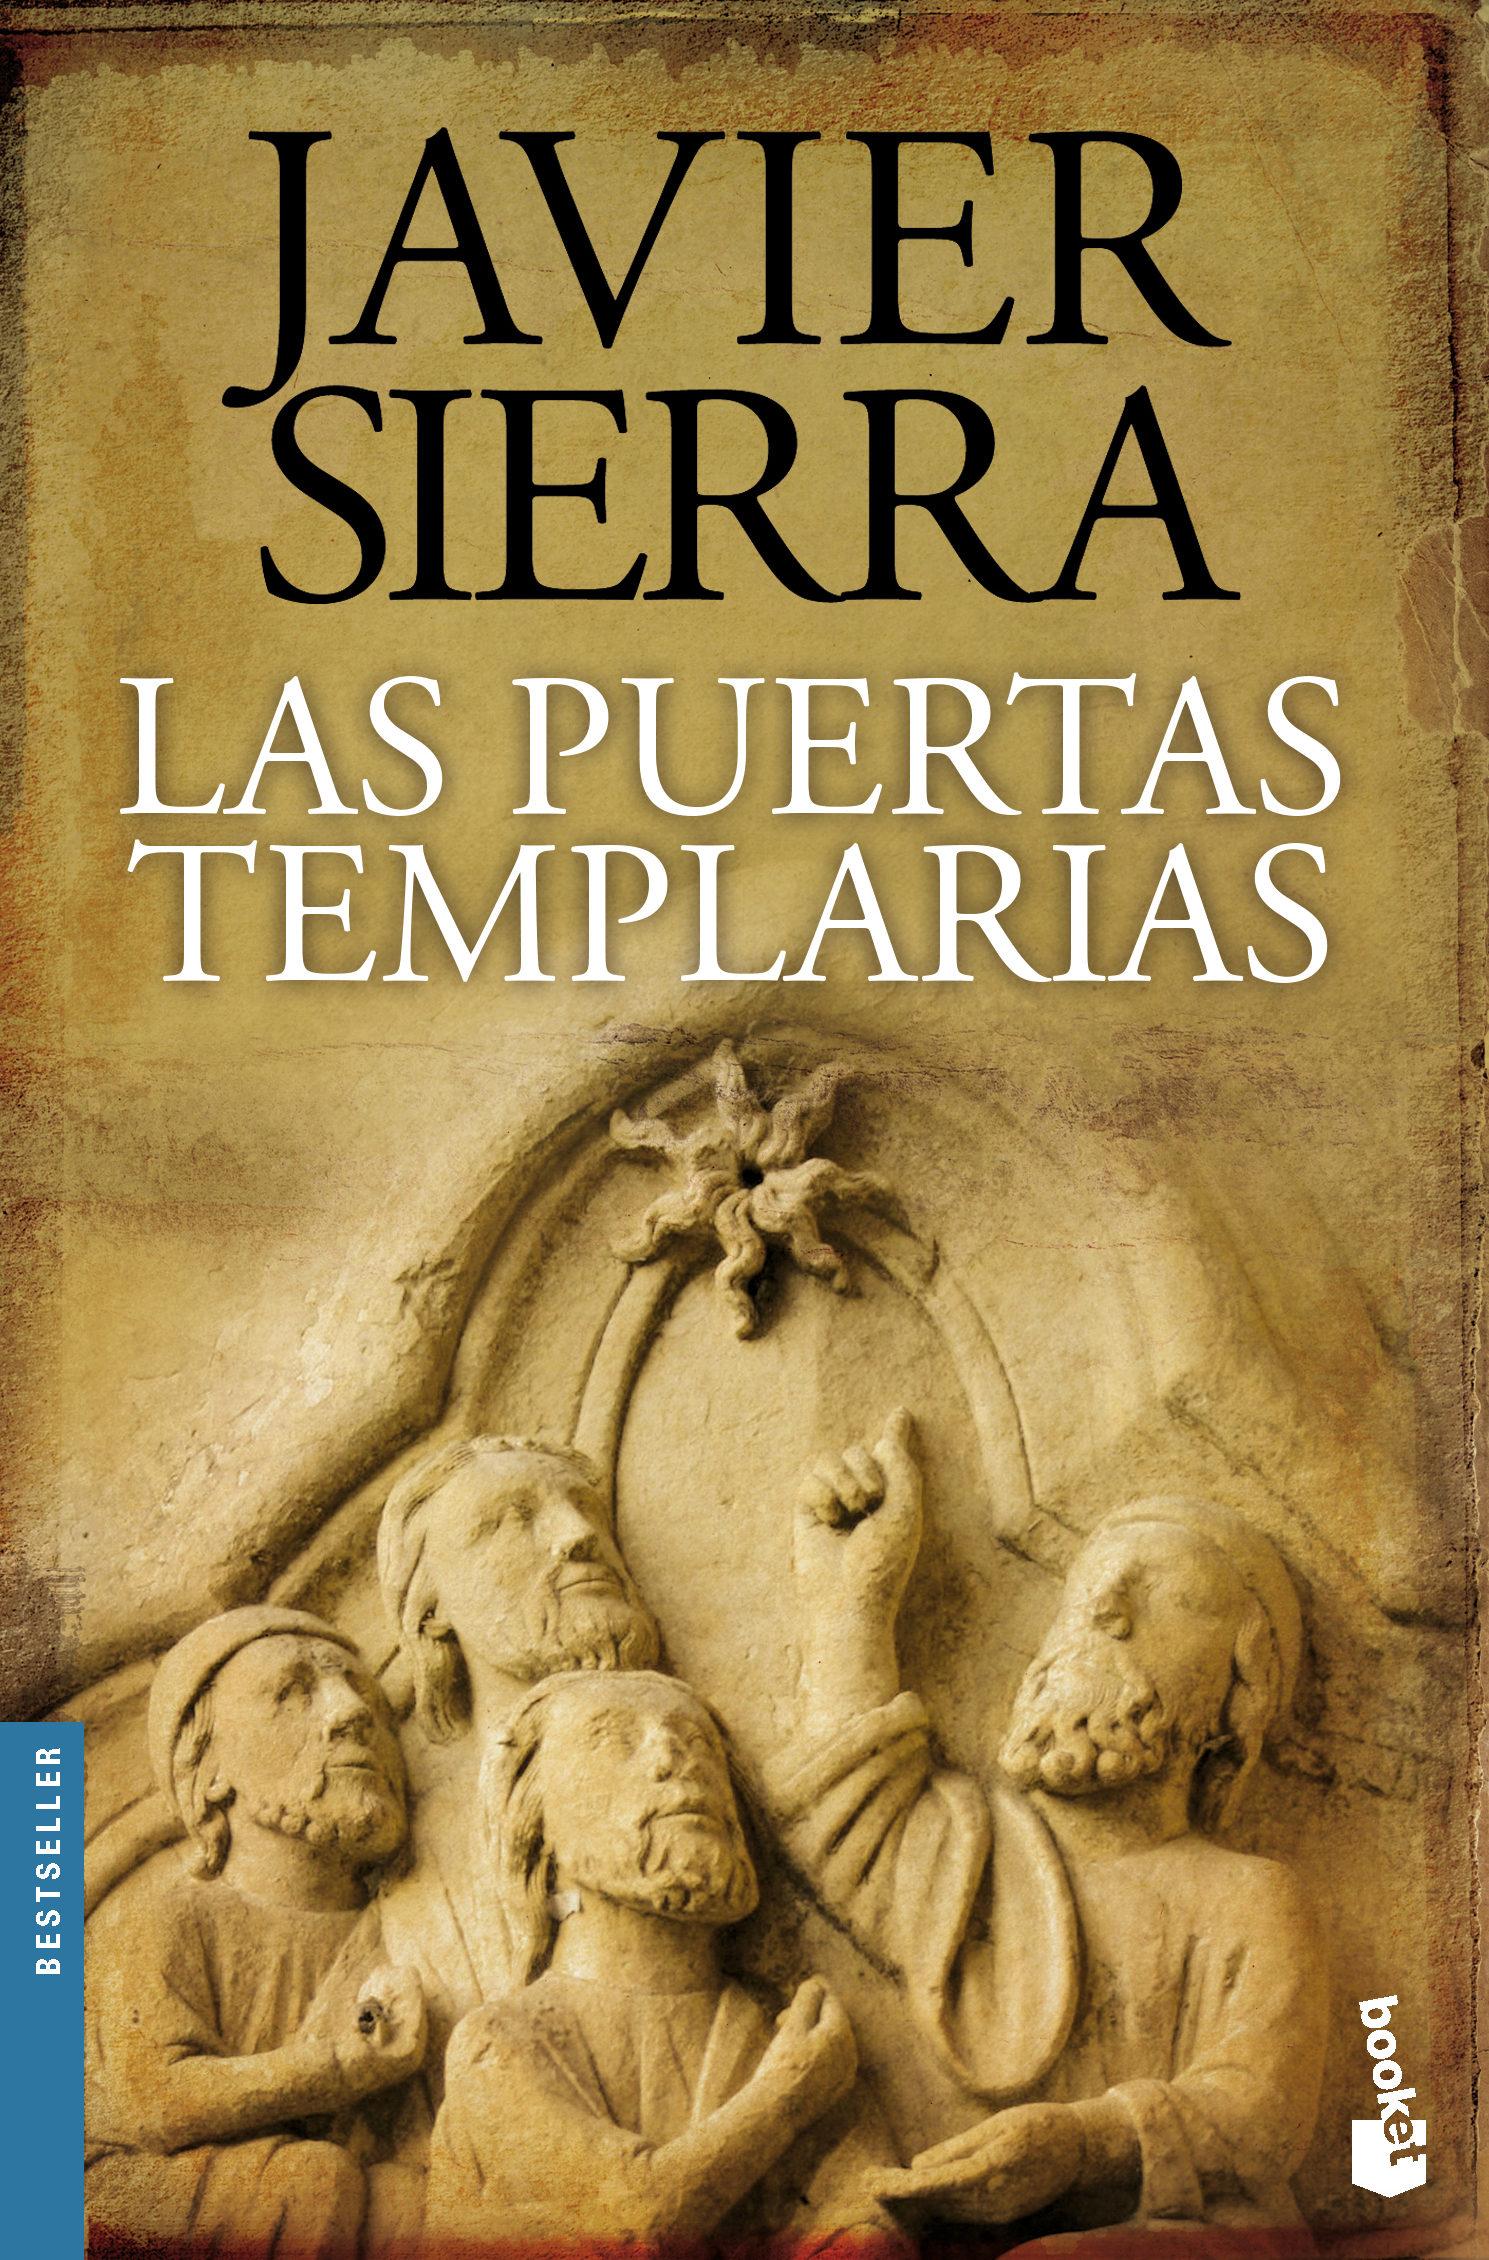 Las Puertas Templarias - Javier Sierra - Booket